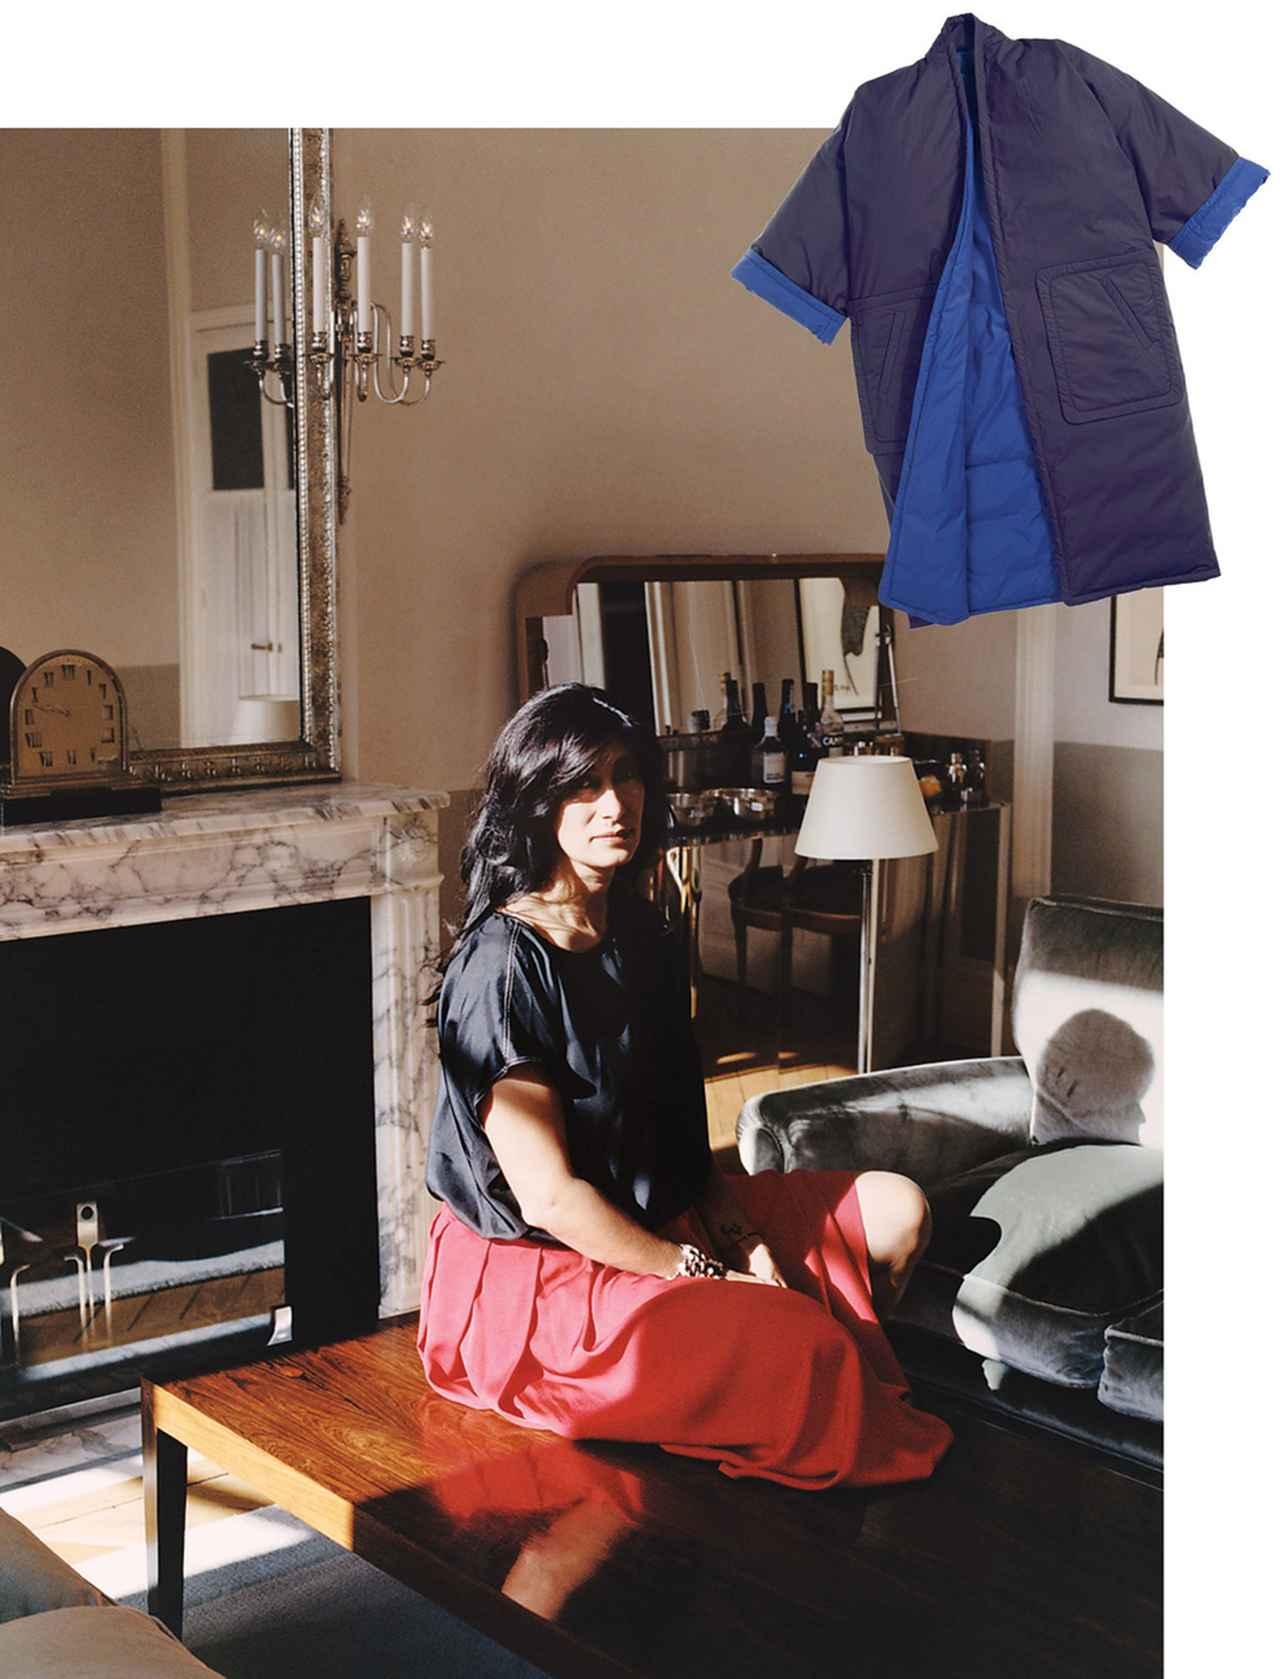 Images : 5番目の画像 - 「ランウェイではなく 「生活のための服」を作る 3人のデザイナー」のアルバム - T JAPAN:The New York Times Style Magazine 公式サイト